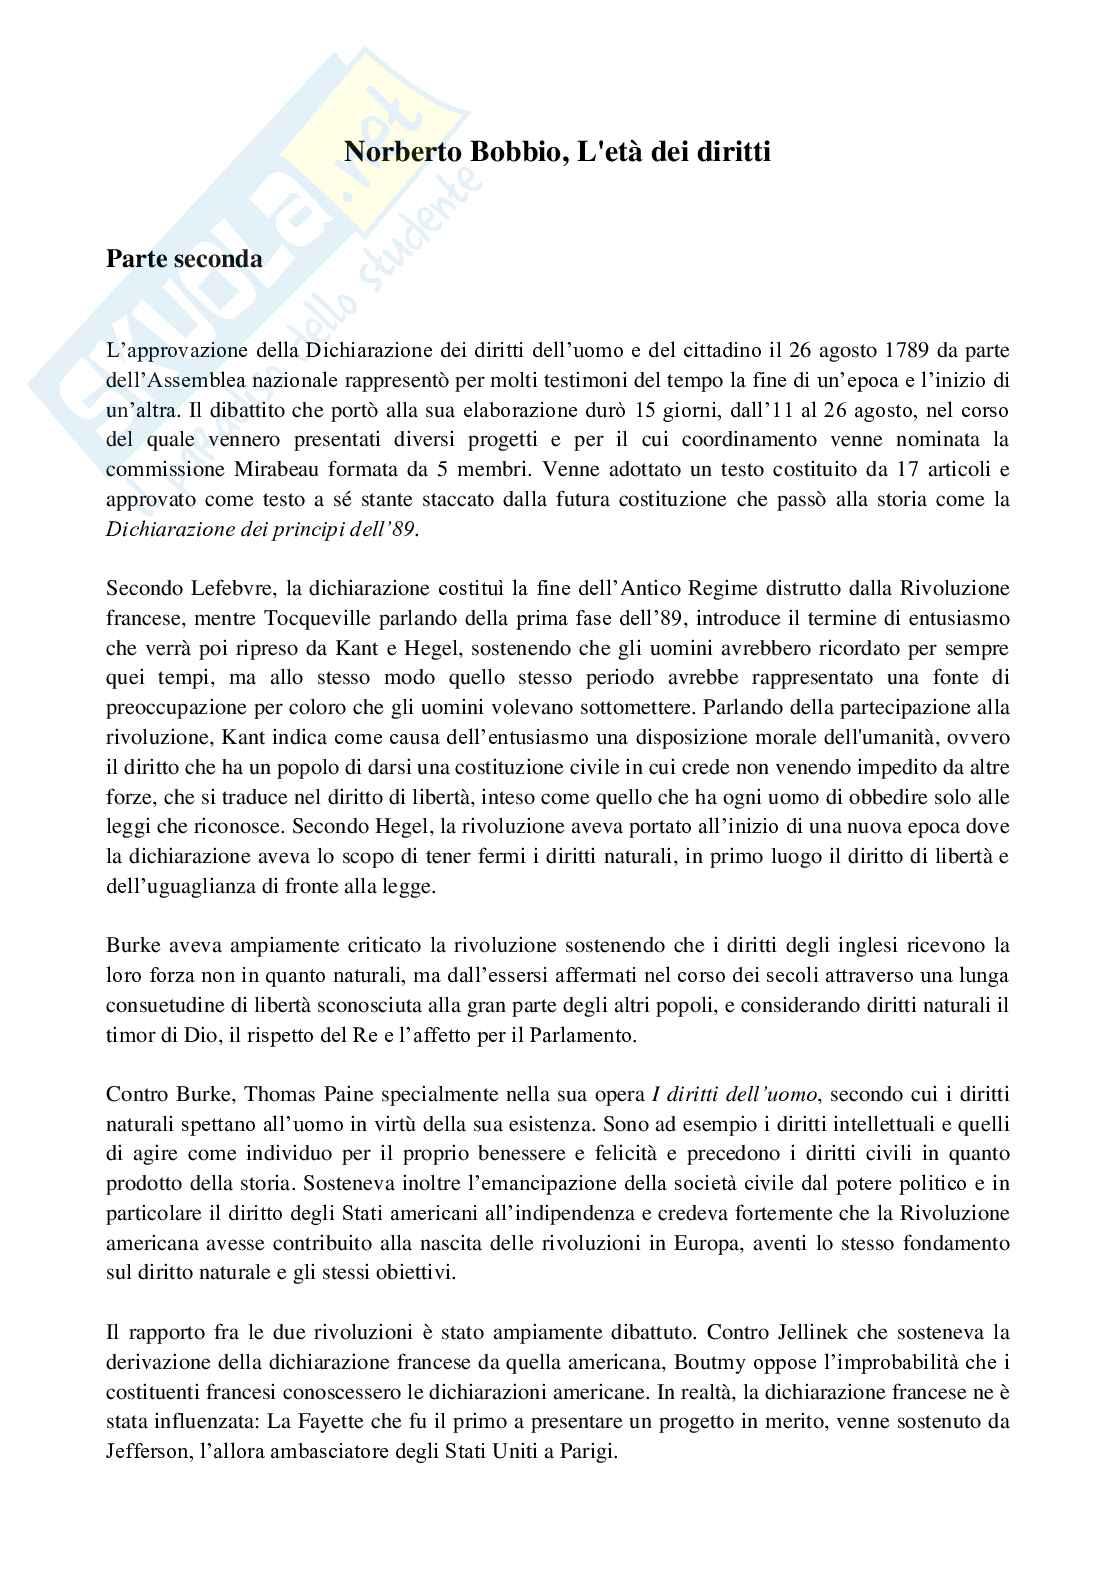 Appunti esame Storia del pensiero politico dei diritti umani, prof. Castelli, La Rivoluzione francese, i diritti dell'uomo e Kant